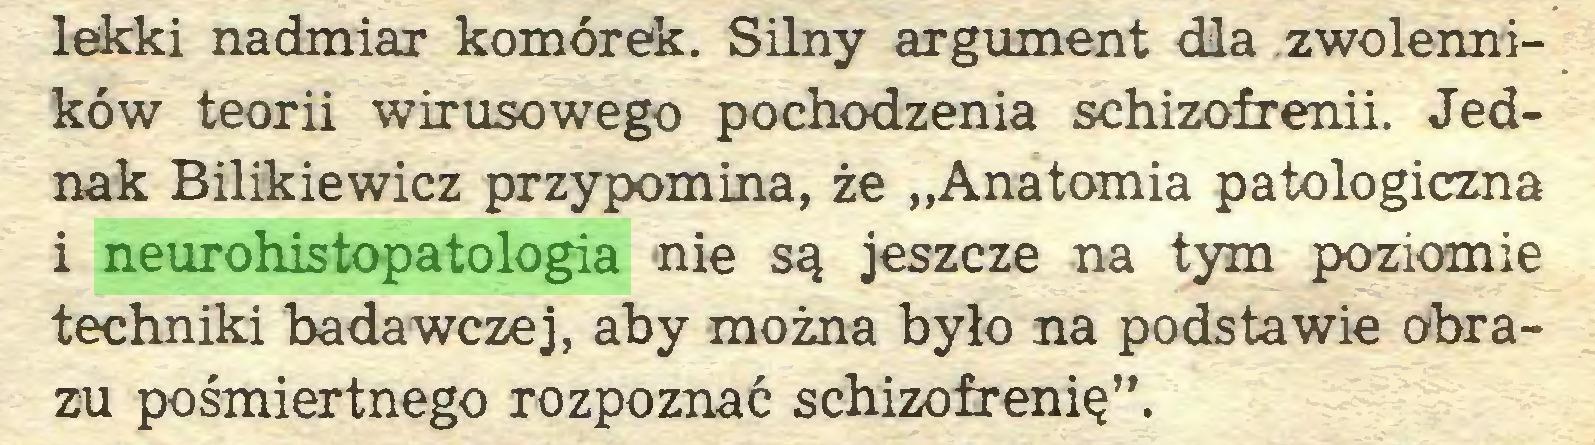 """(...) lekki nadmiar komórek. Silny argument dla zwolenników teorii wirusowego pochodzenia schizofrenii. Jednak Bilikiewicz przypomina, że """"Anatomia patologiczna i neurohistopatologia nie są jeszcze na tym poziomie techniki badawczej, aby można było na podstawie obrazu pośmiertnego rozpoznać schizofrenię""""..."""